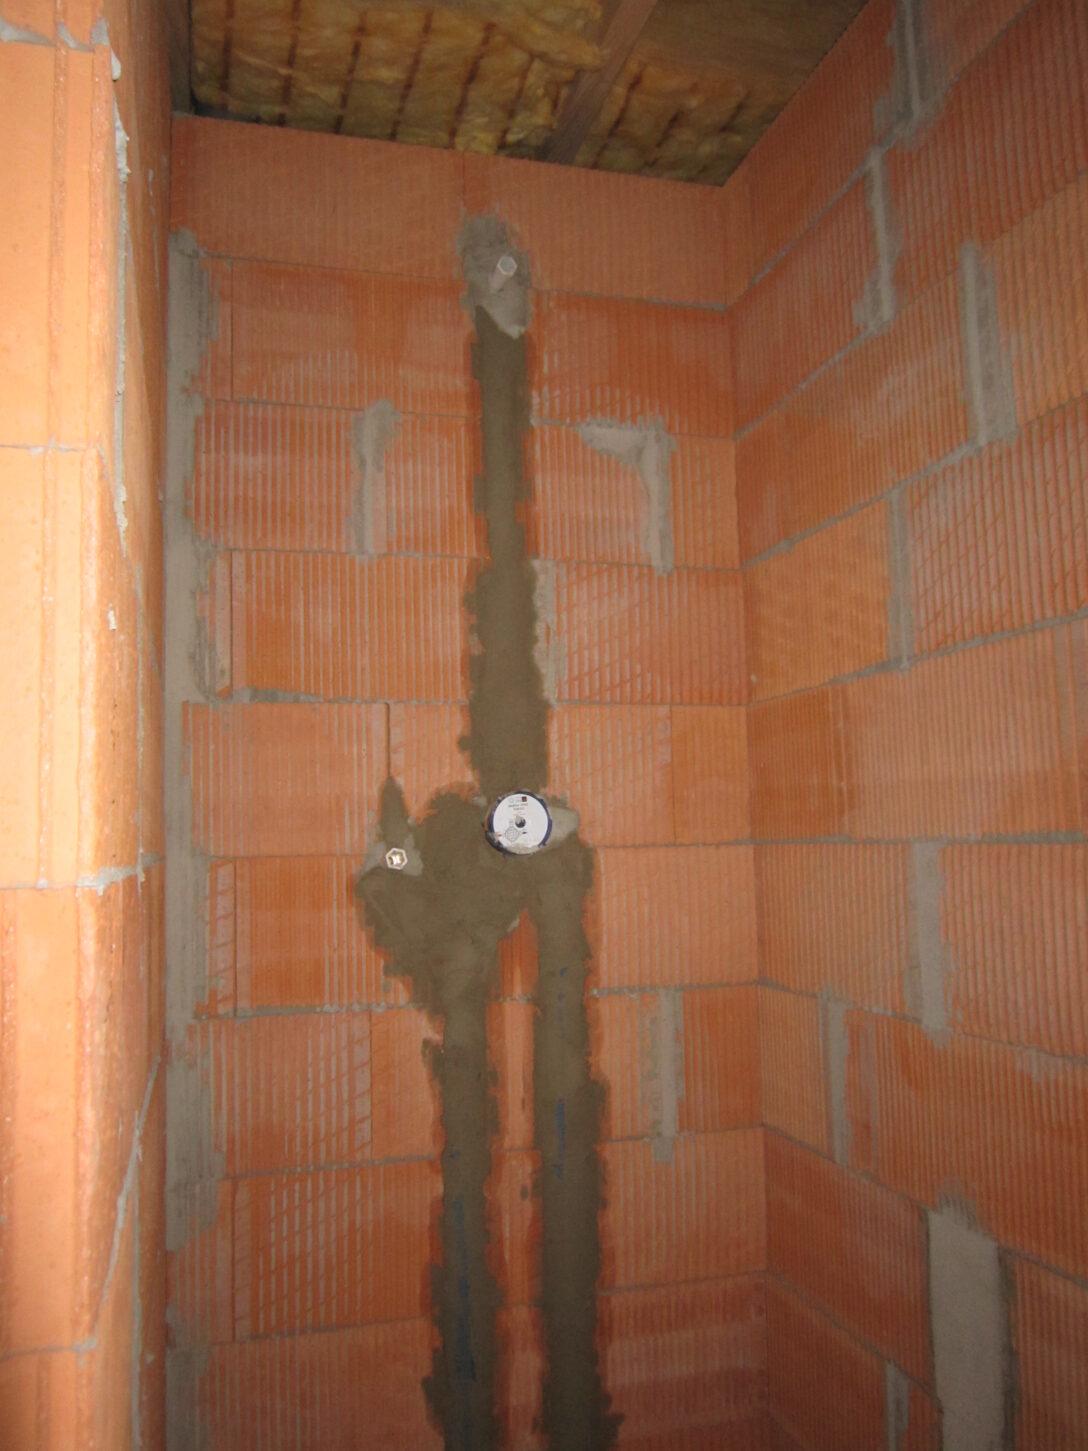 Large Size of Unterputz Armatur Dusche Unterputzarmatur Hausbaublog Hillerse Armaturen Küche Ebenerdig Einhebelmischer Antirutschmatte Sprinz Duschen Grohe Thermostat Dusche Unterputz Armatur Dusche